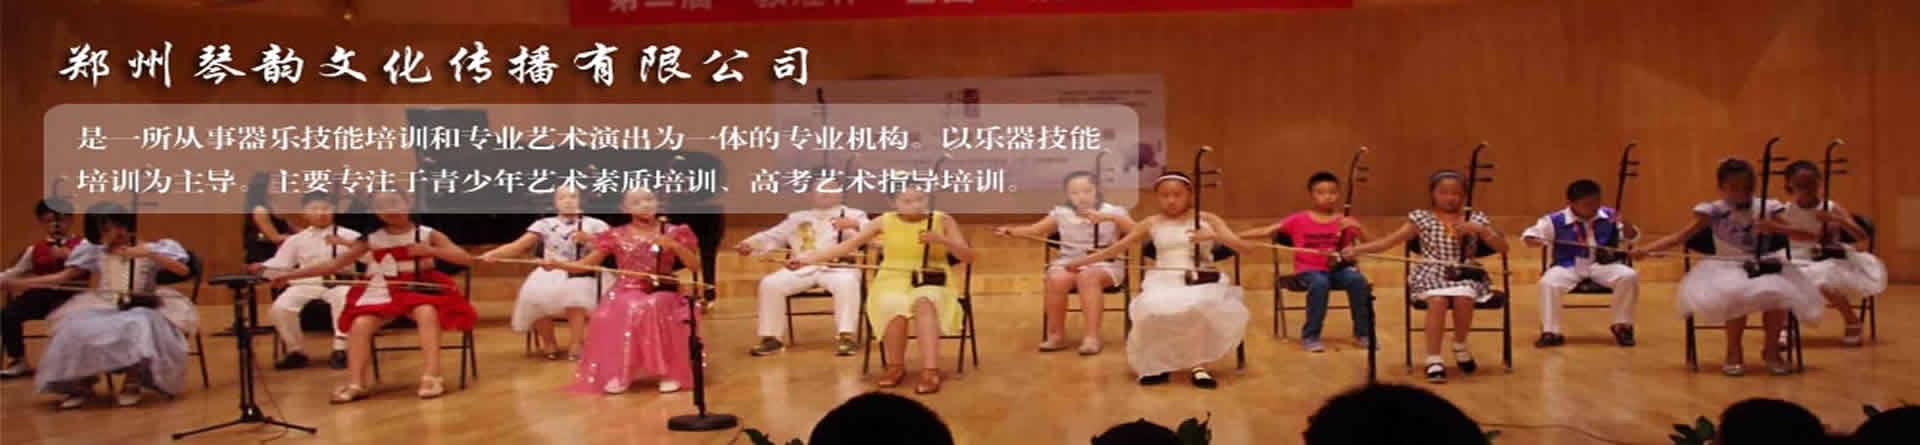 郑州琴韵钢琴艺术